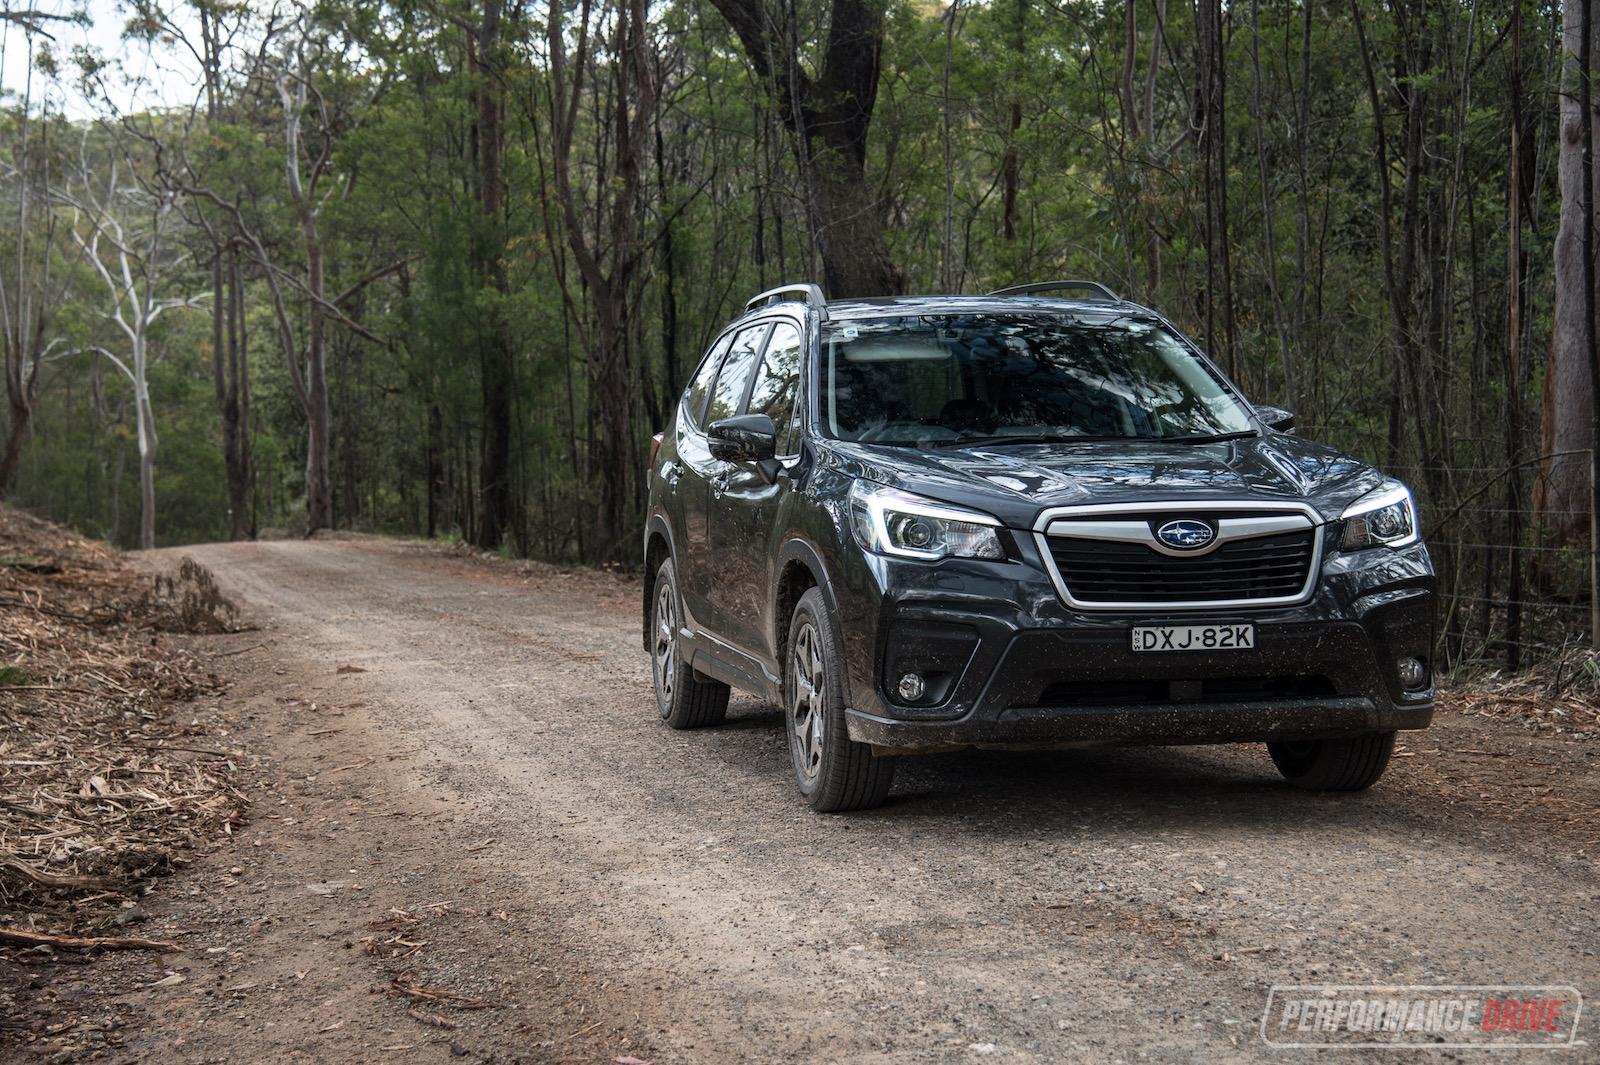 2019 Subaru Forester review – 2 5i & 2 5i Premium (video